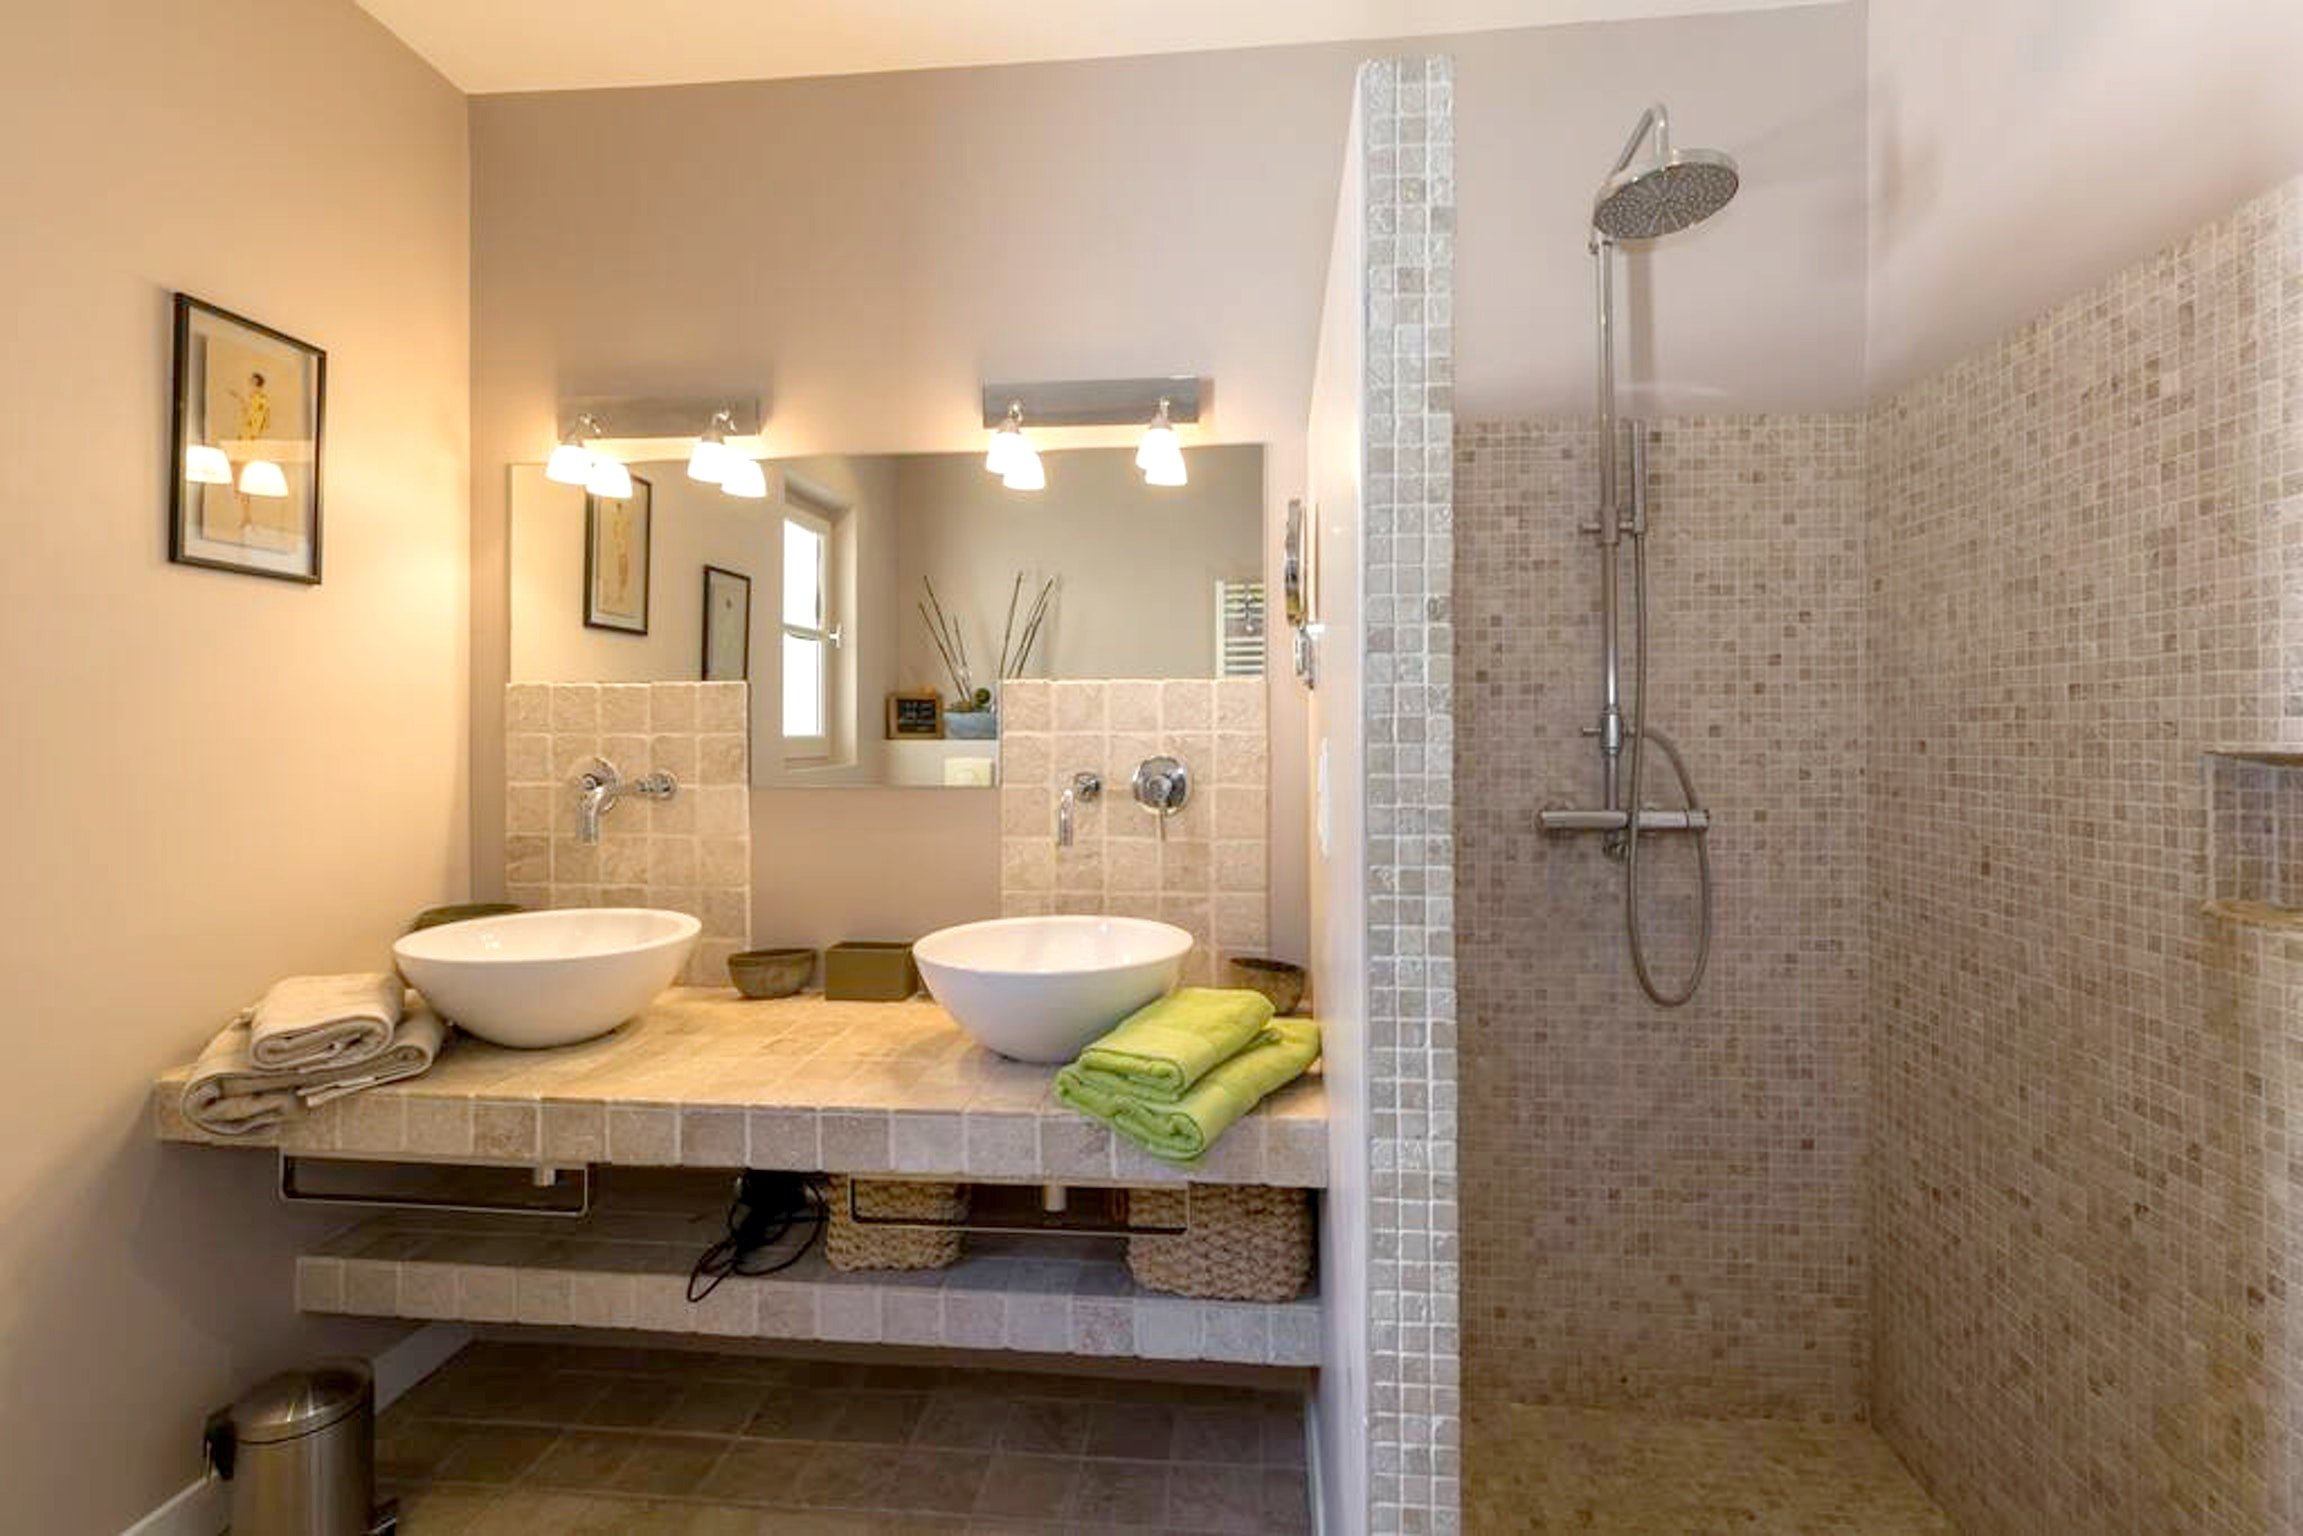 Maison de vacances Villa mit 6 Schlafzimmern in L'Isle-sur-la-Sorgue mit privatem Pool, möbliertem Garten und (2647203), L'Isle sur la Sorgue, Vaucluse, Provence - Alpes - Côte d'Azur, France, image 10